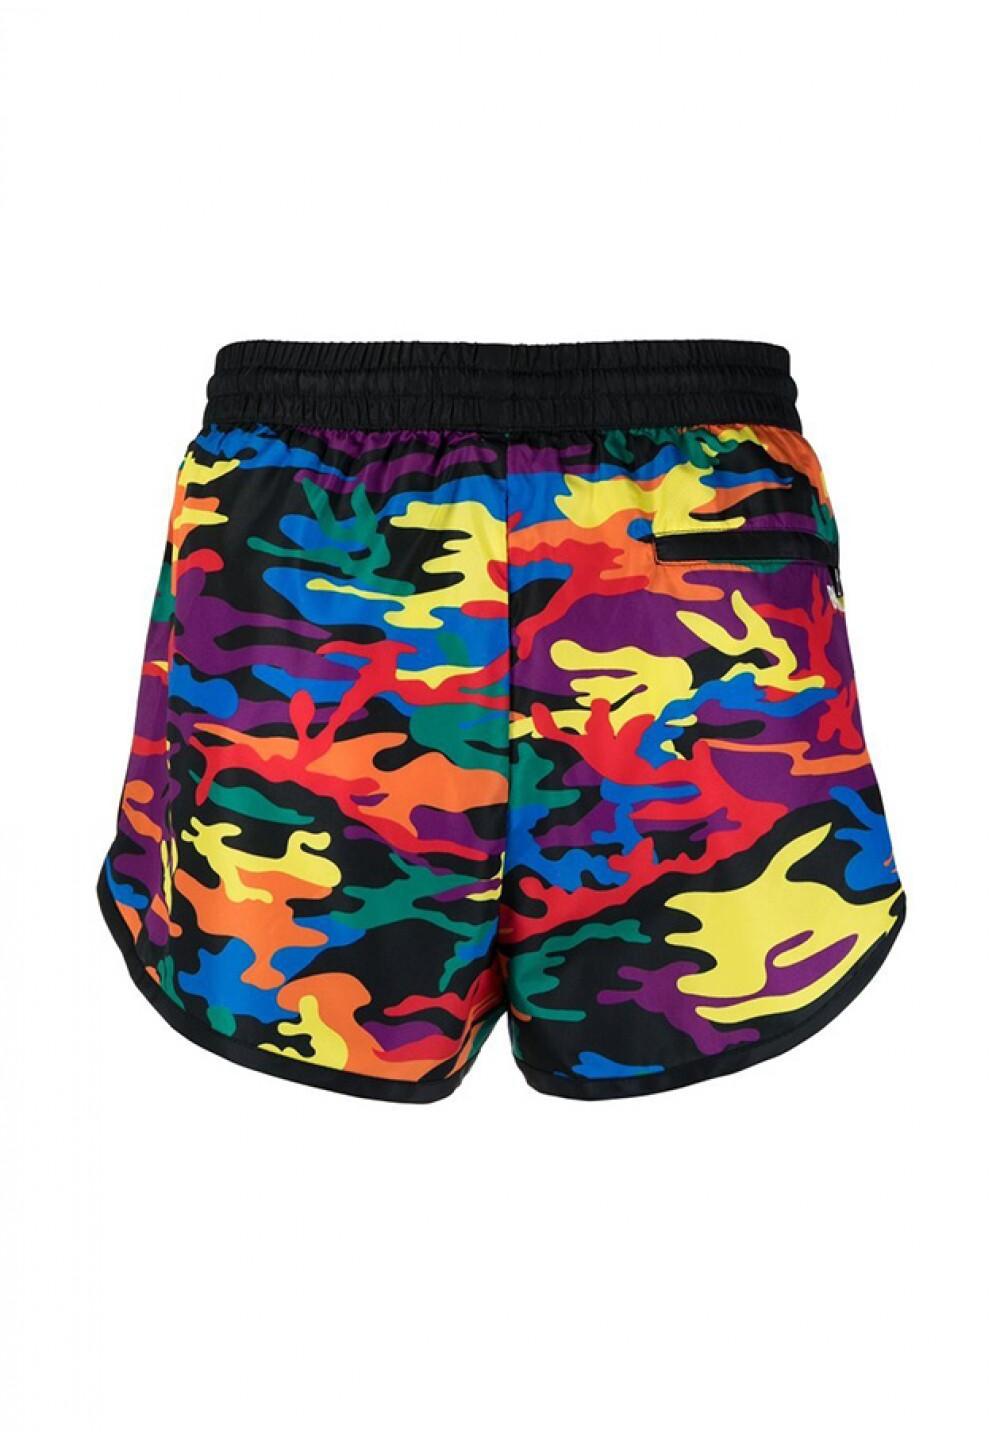 Яркие плавательные шорты